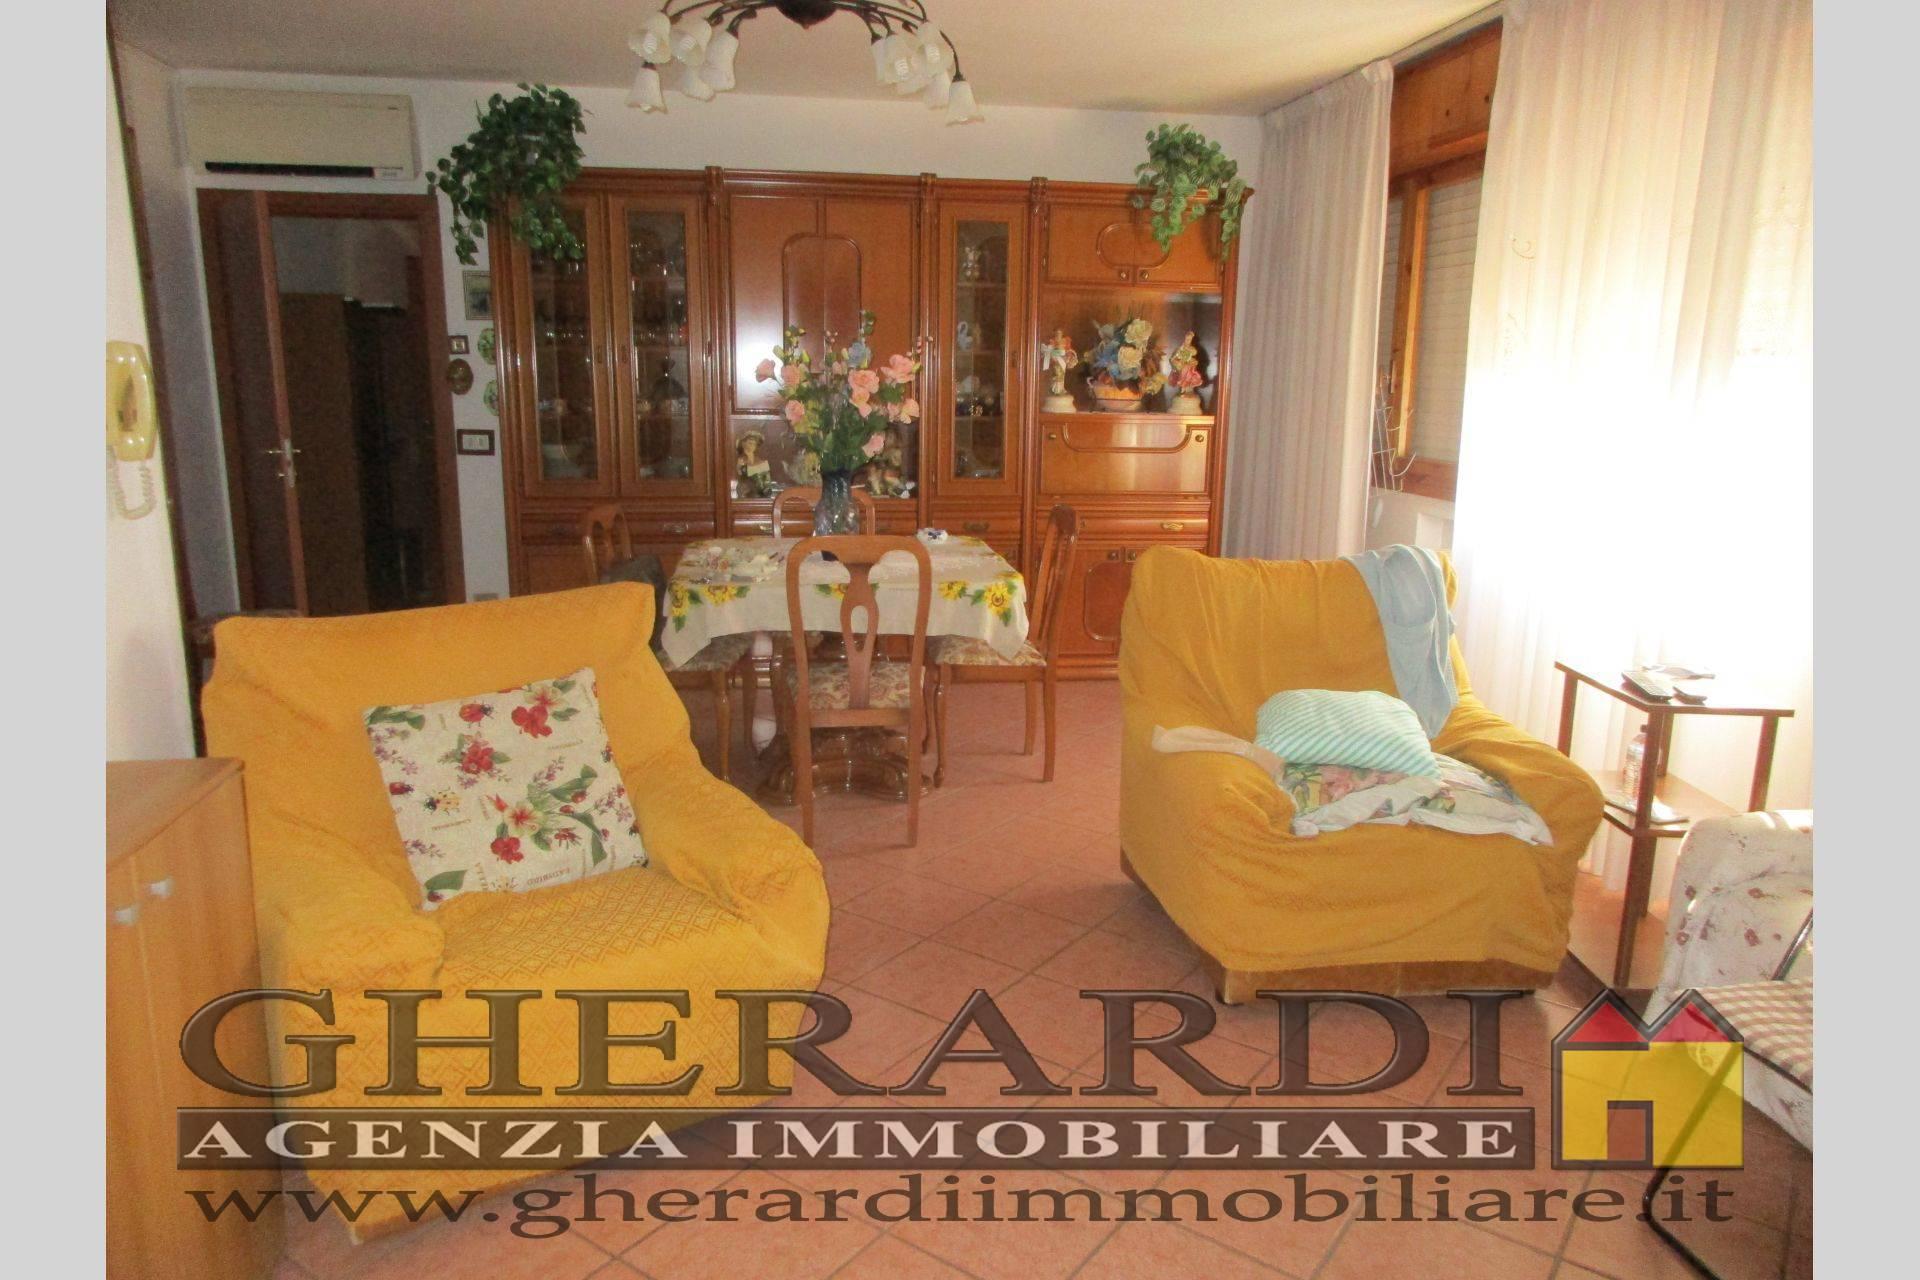 Appartamento in vendita a Poggio Renatico, 4 locali, zona Località: Semicentrale, prezzo € 95.000   CambioCasa.it